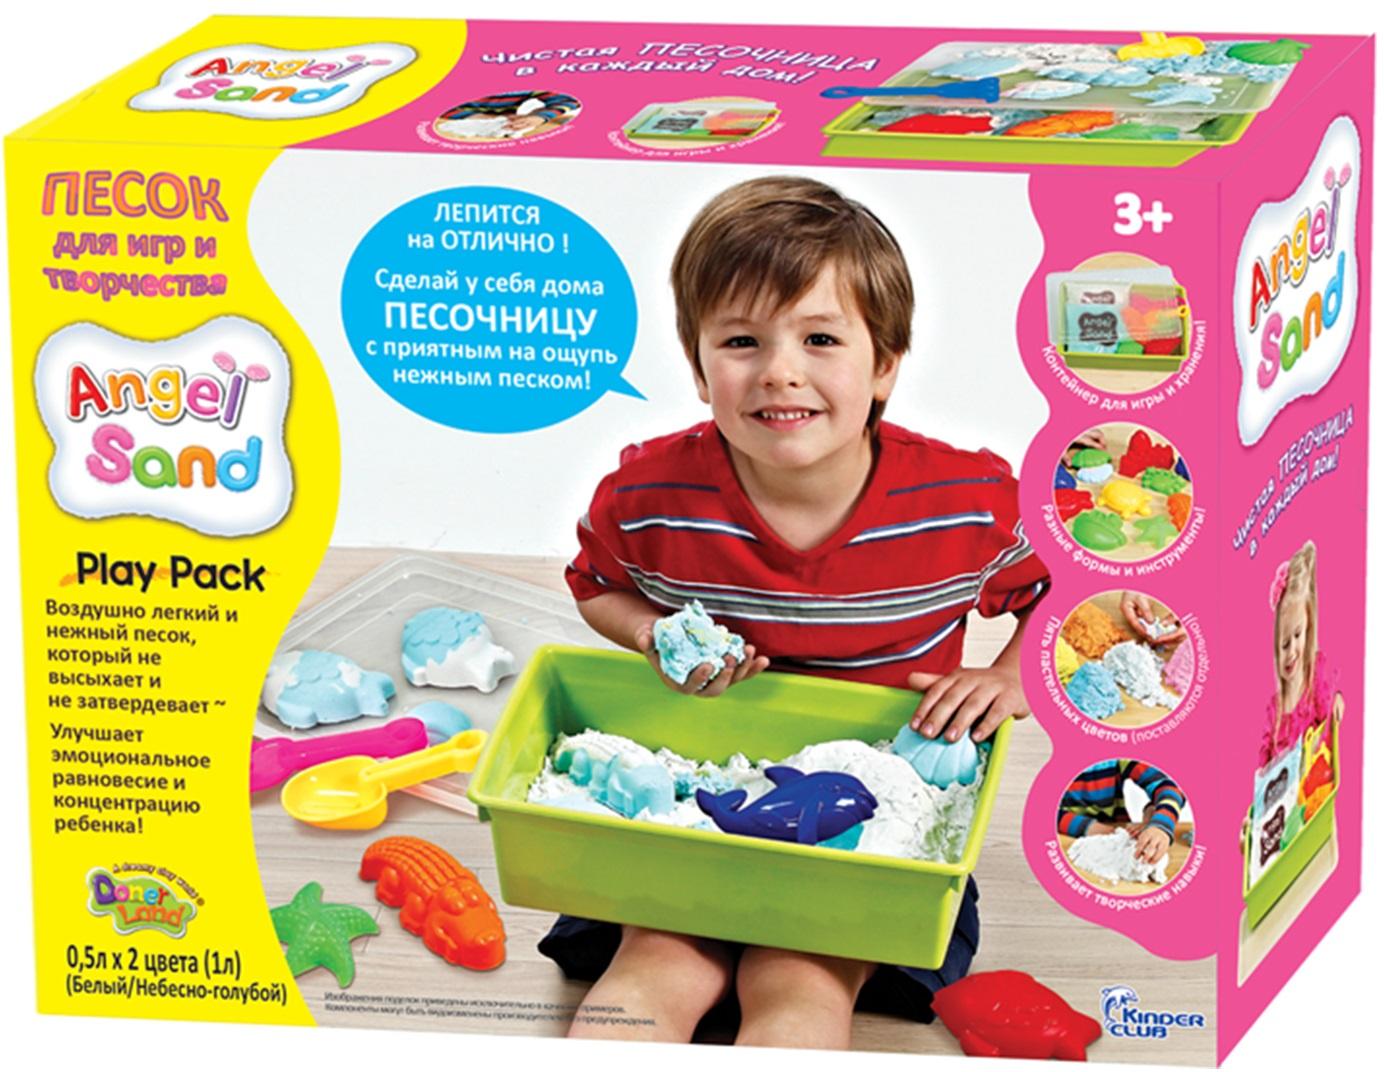 Песок Angel Sand Игровой набор песка Детская площадка (Play Pack) игровой набор brio детская площадка 4 предмета